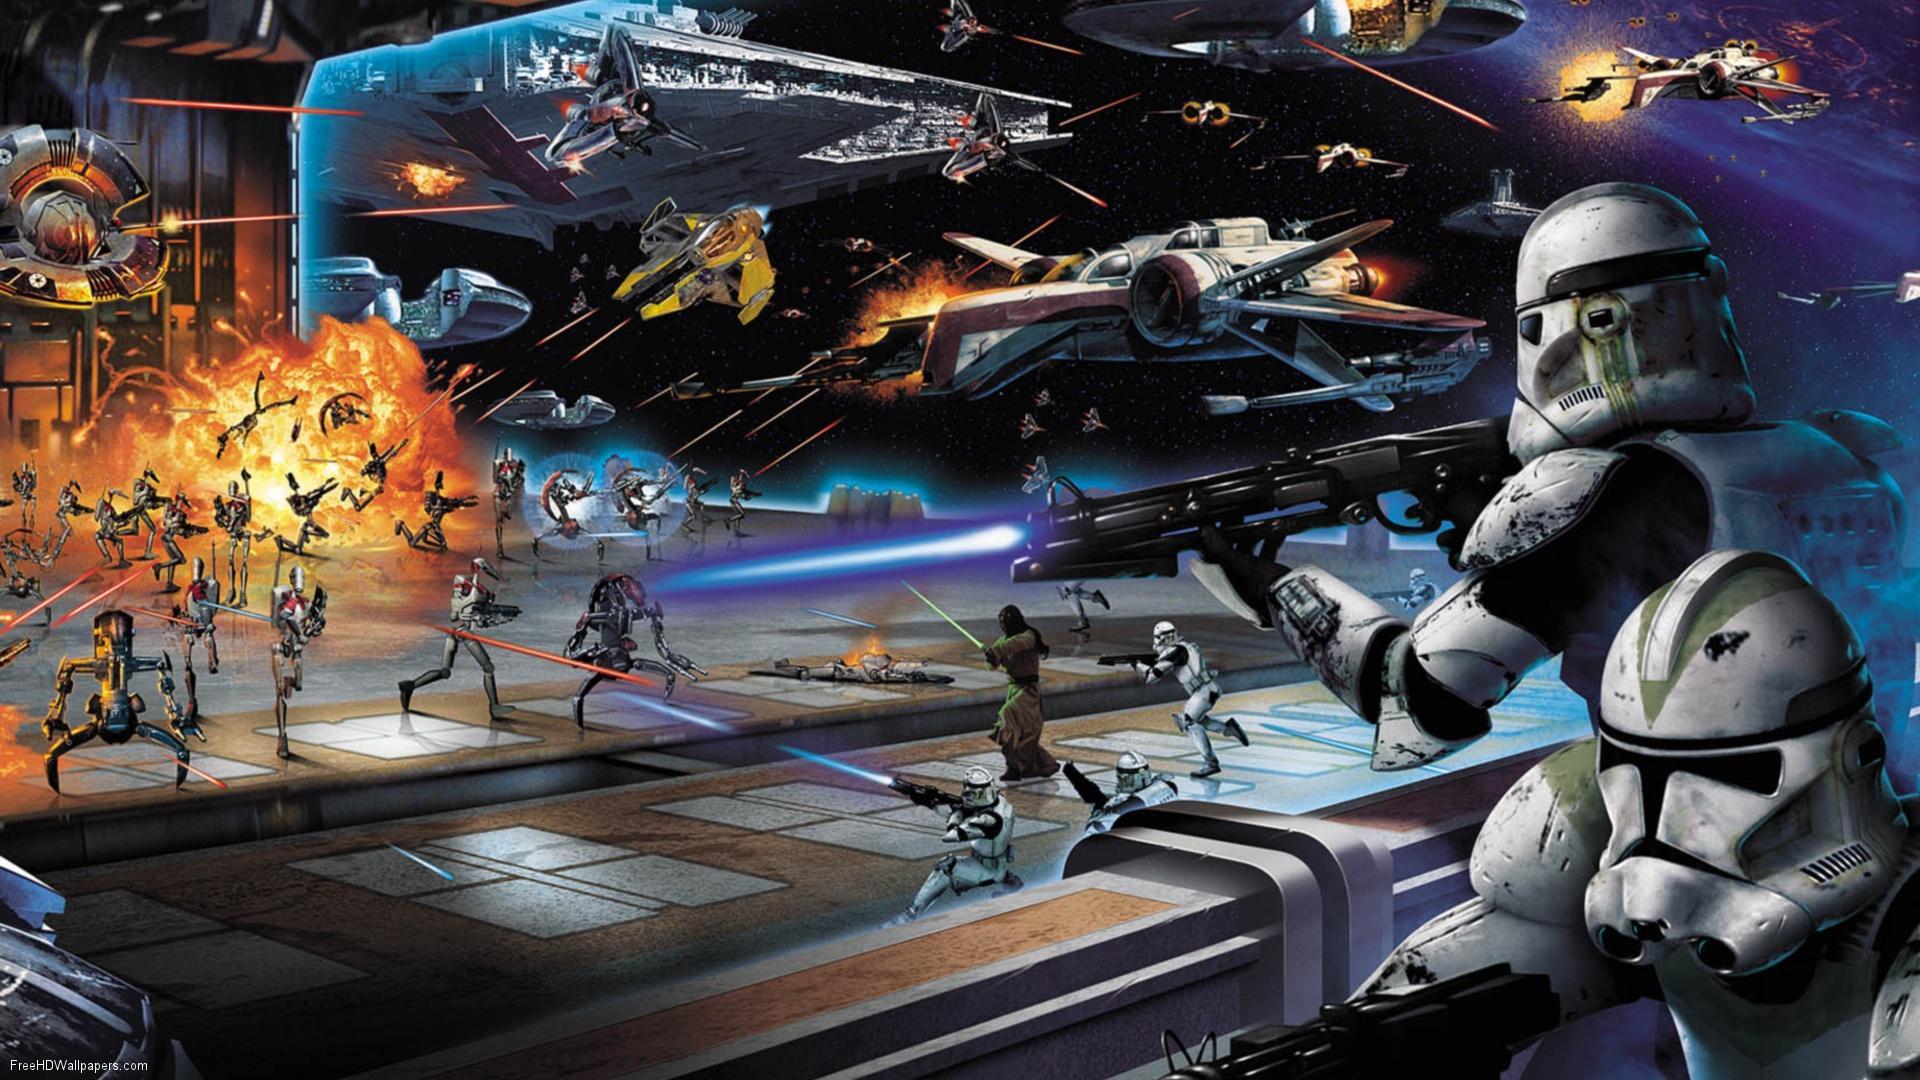 Star Wars Battle front HD Wallpapers HD Wallpapers Desktop 1920x1080